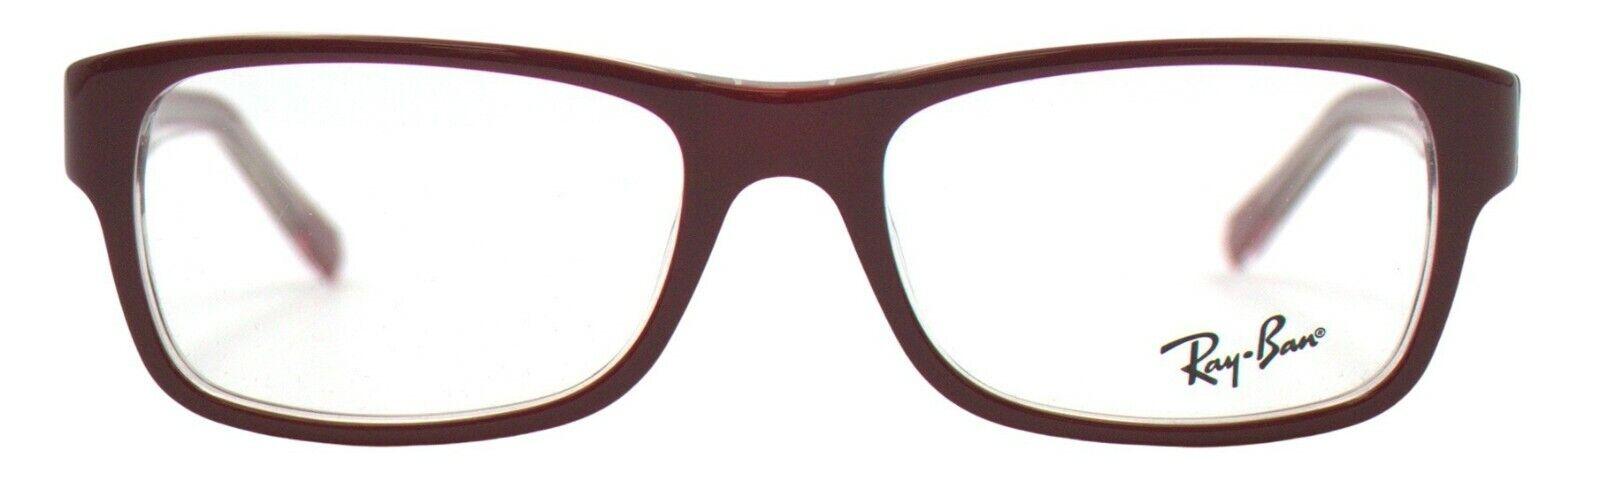 Ray-Ban Damen Herren Brillenfassung RX5268 5738 52mm rot Vollrand BO37 B